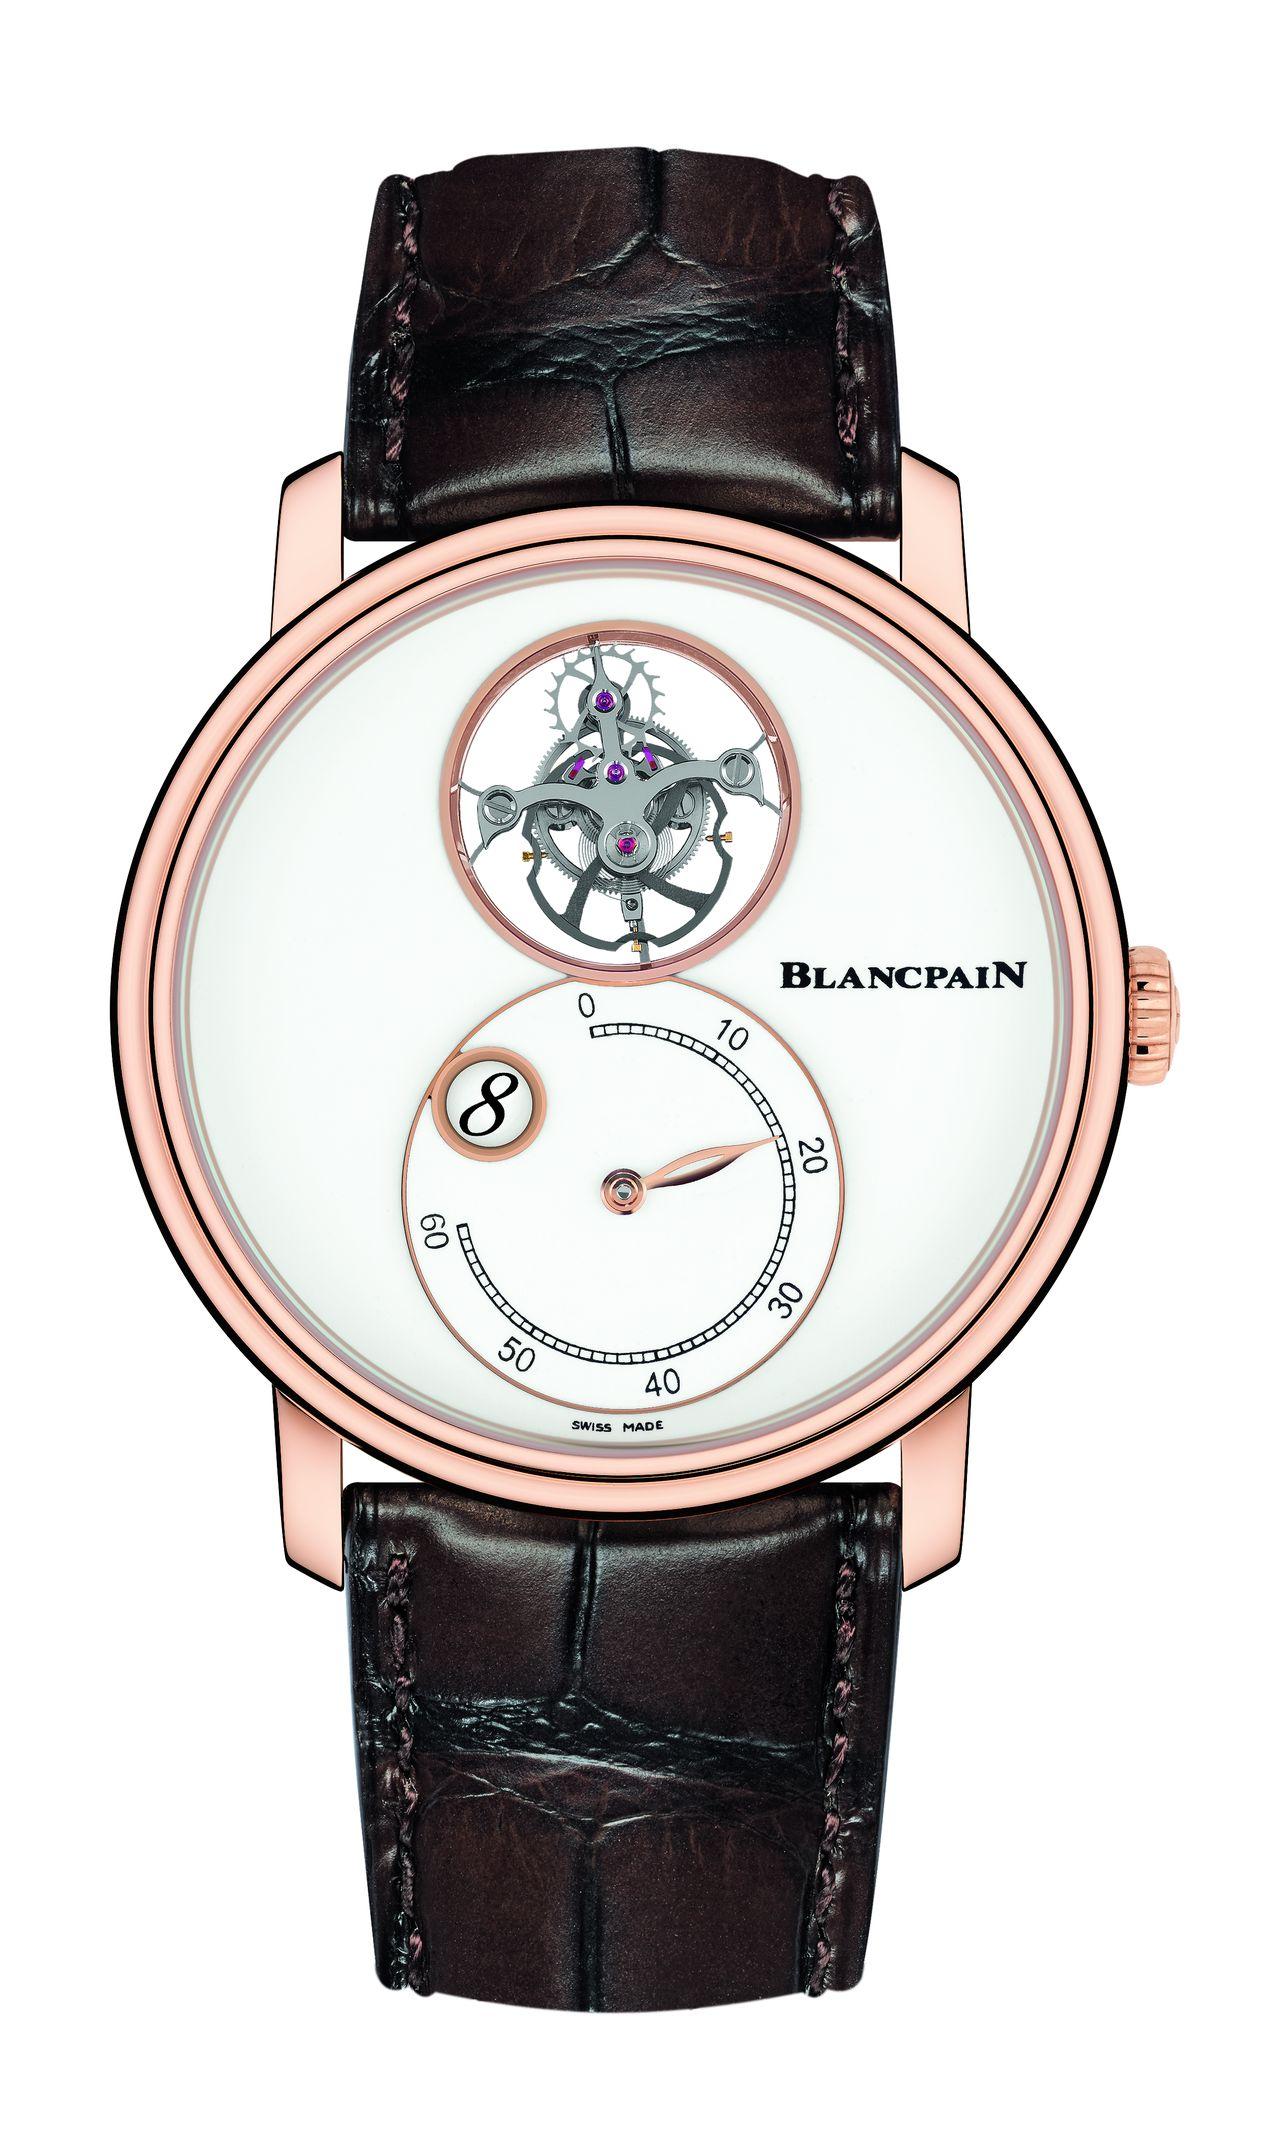 Blancpain Villeret Tourbillon Volant Heure Sautante Minute Rétrograde - látszólag a semmiben lebeg a tourbillon - óra, perc, másodperc. Csak a lényeg, a maradék teret a zománc szépsége tölti ki.